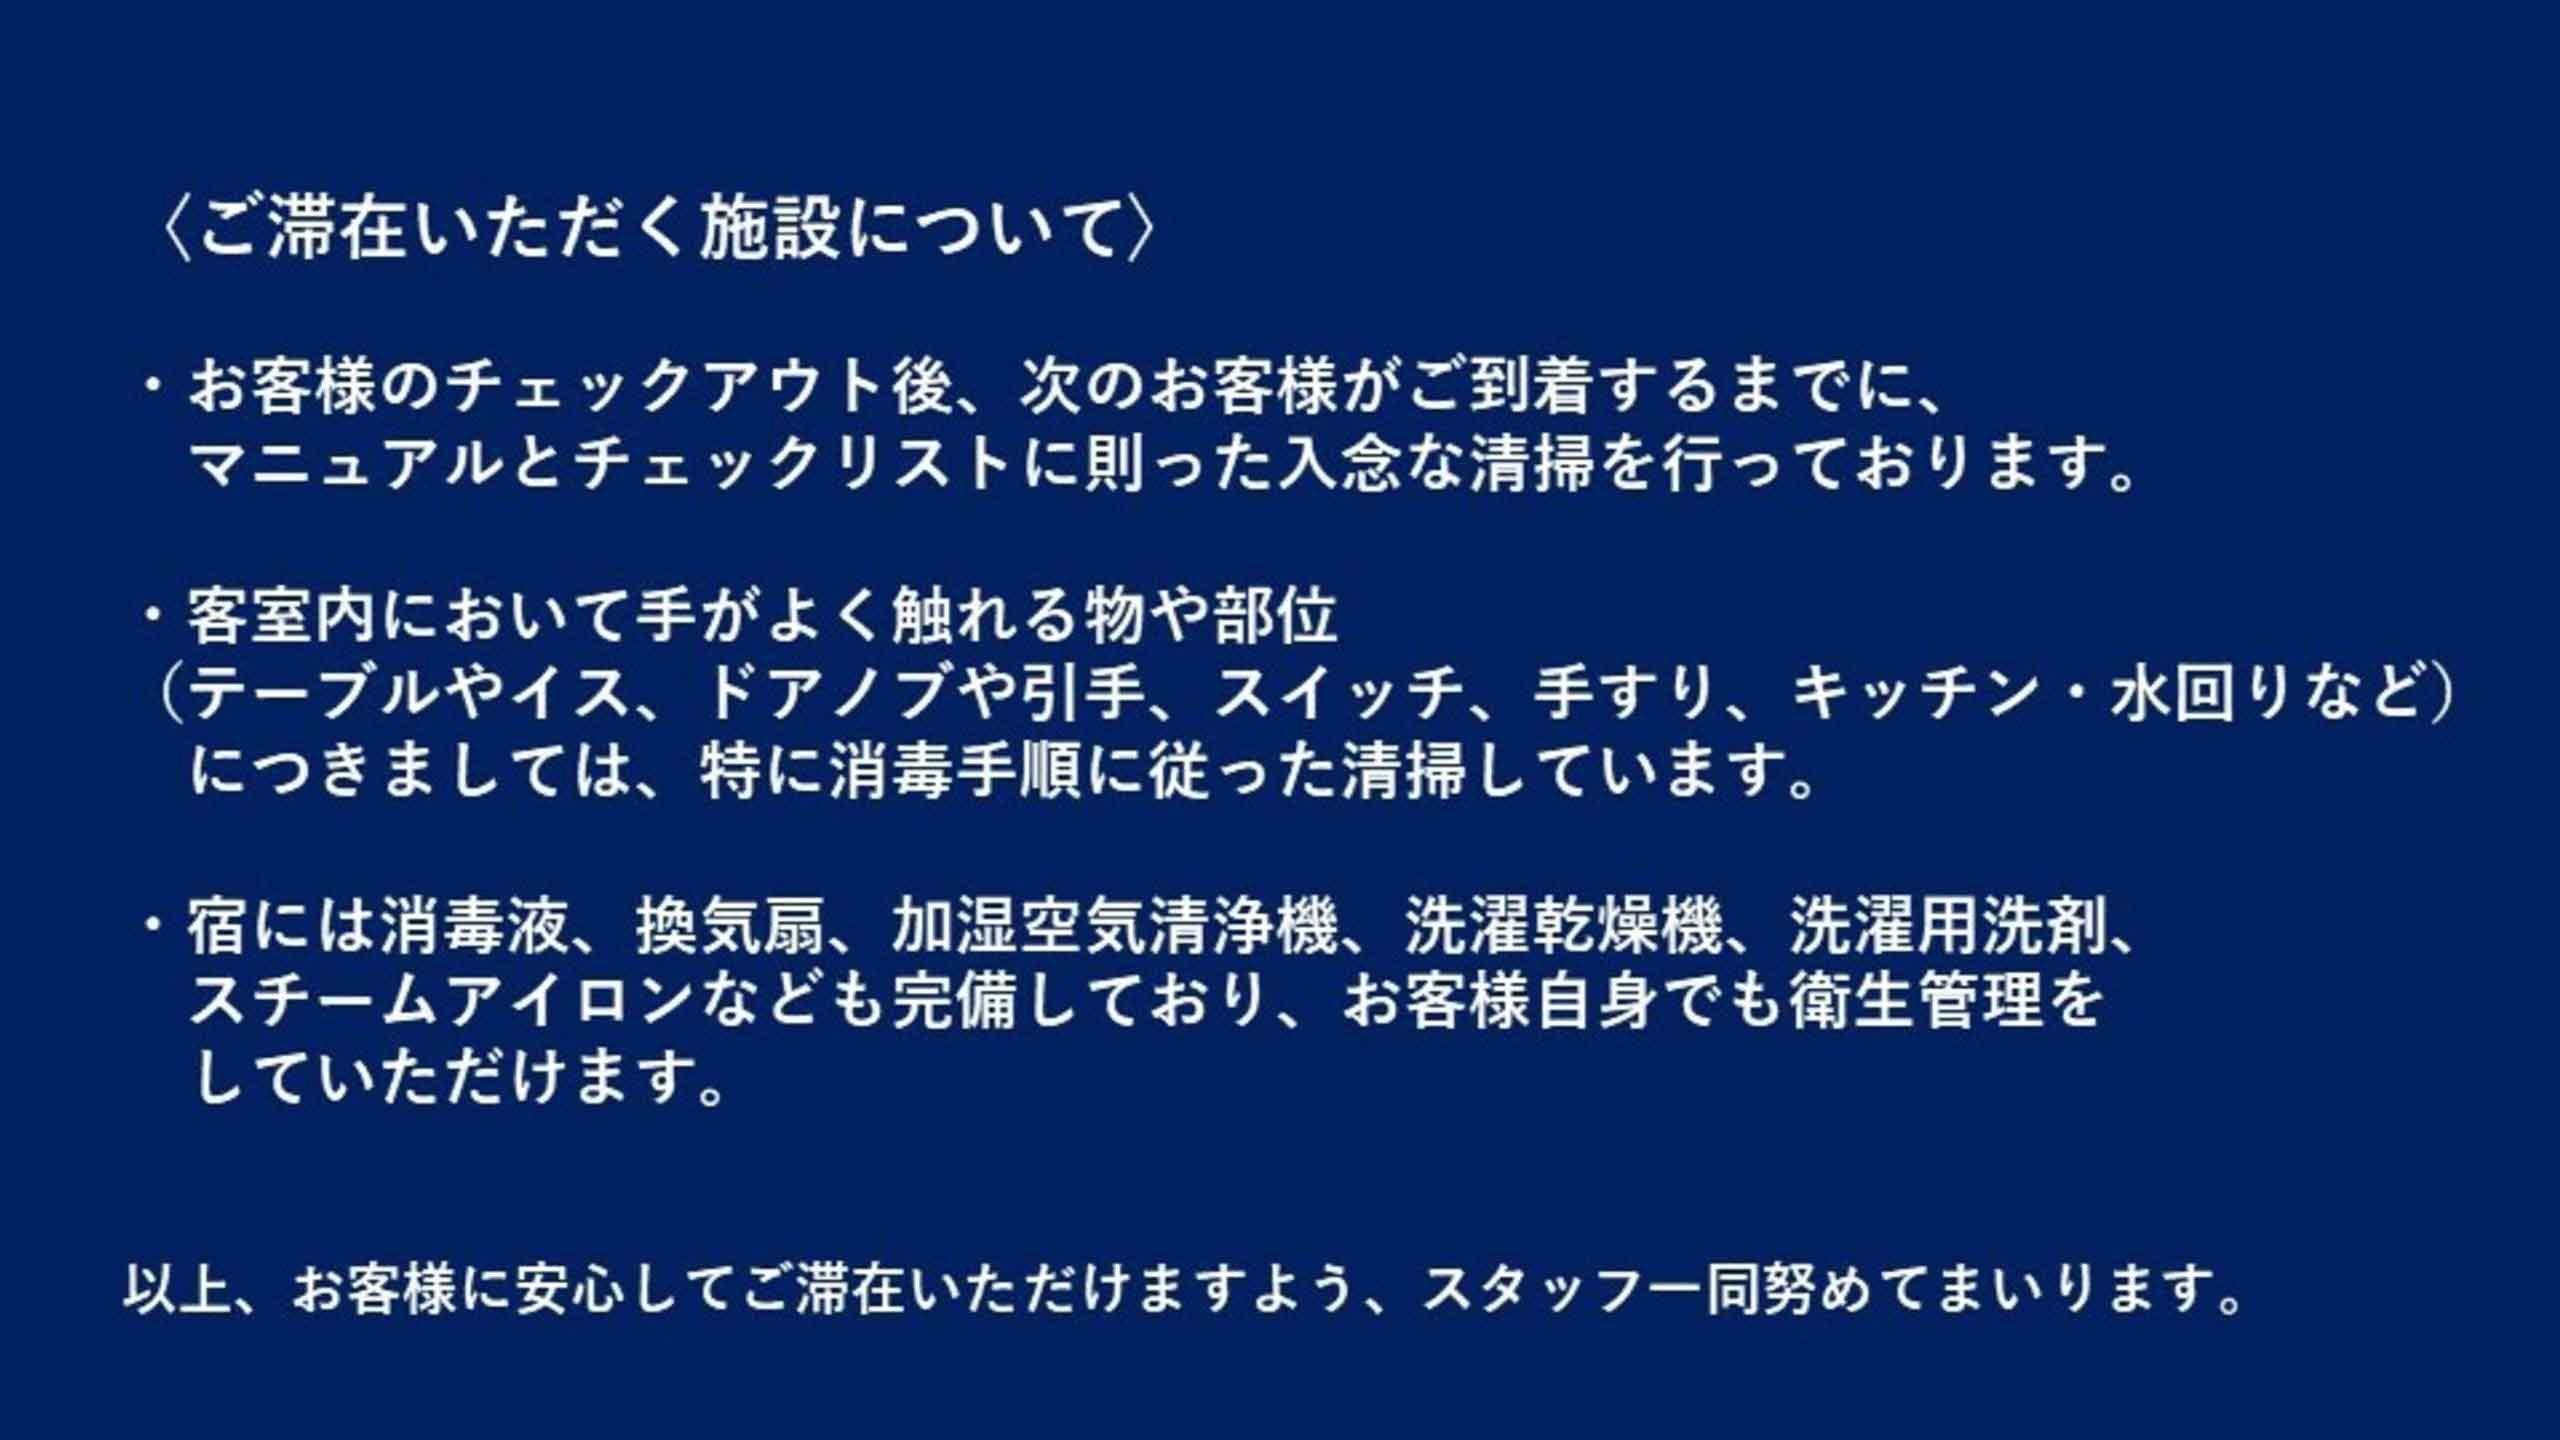 【コロナウイルス感染症対策】